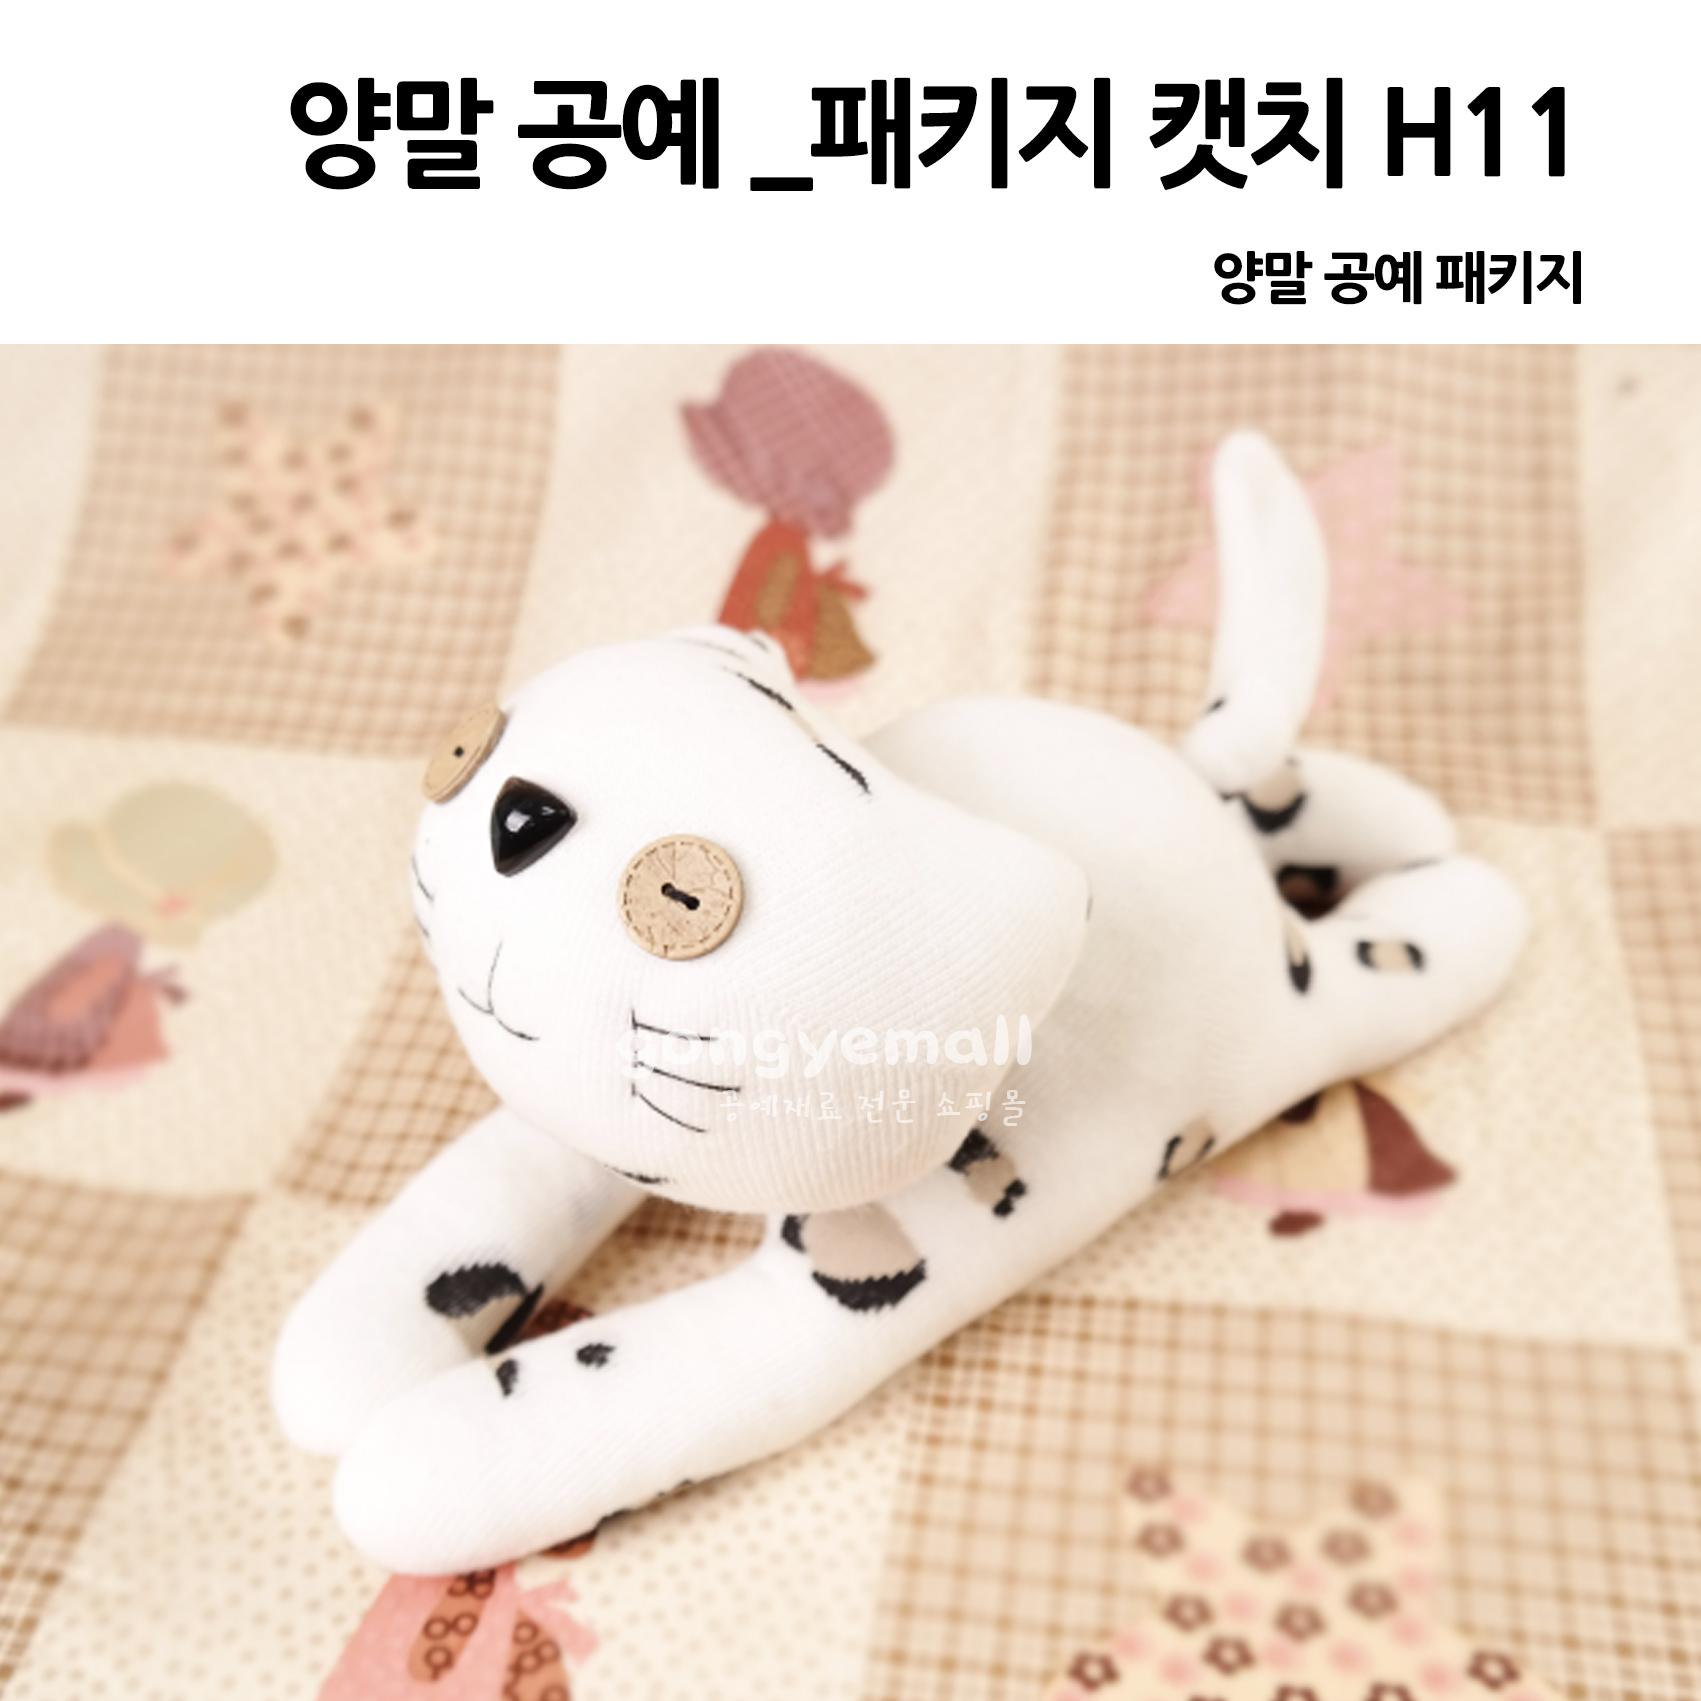 [양말공예]양말 DIY 패키지 캣치 H11